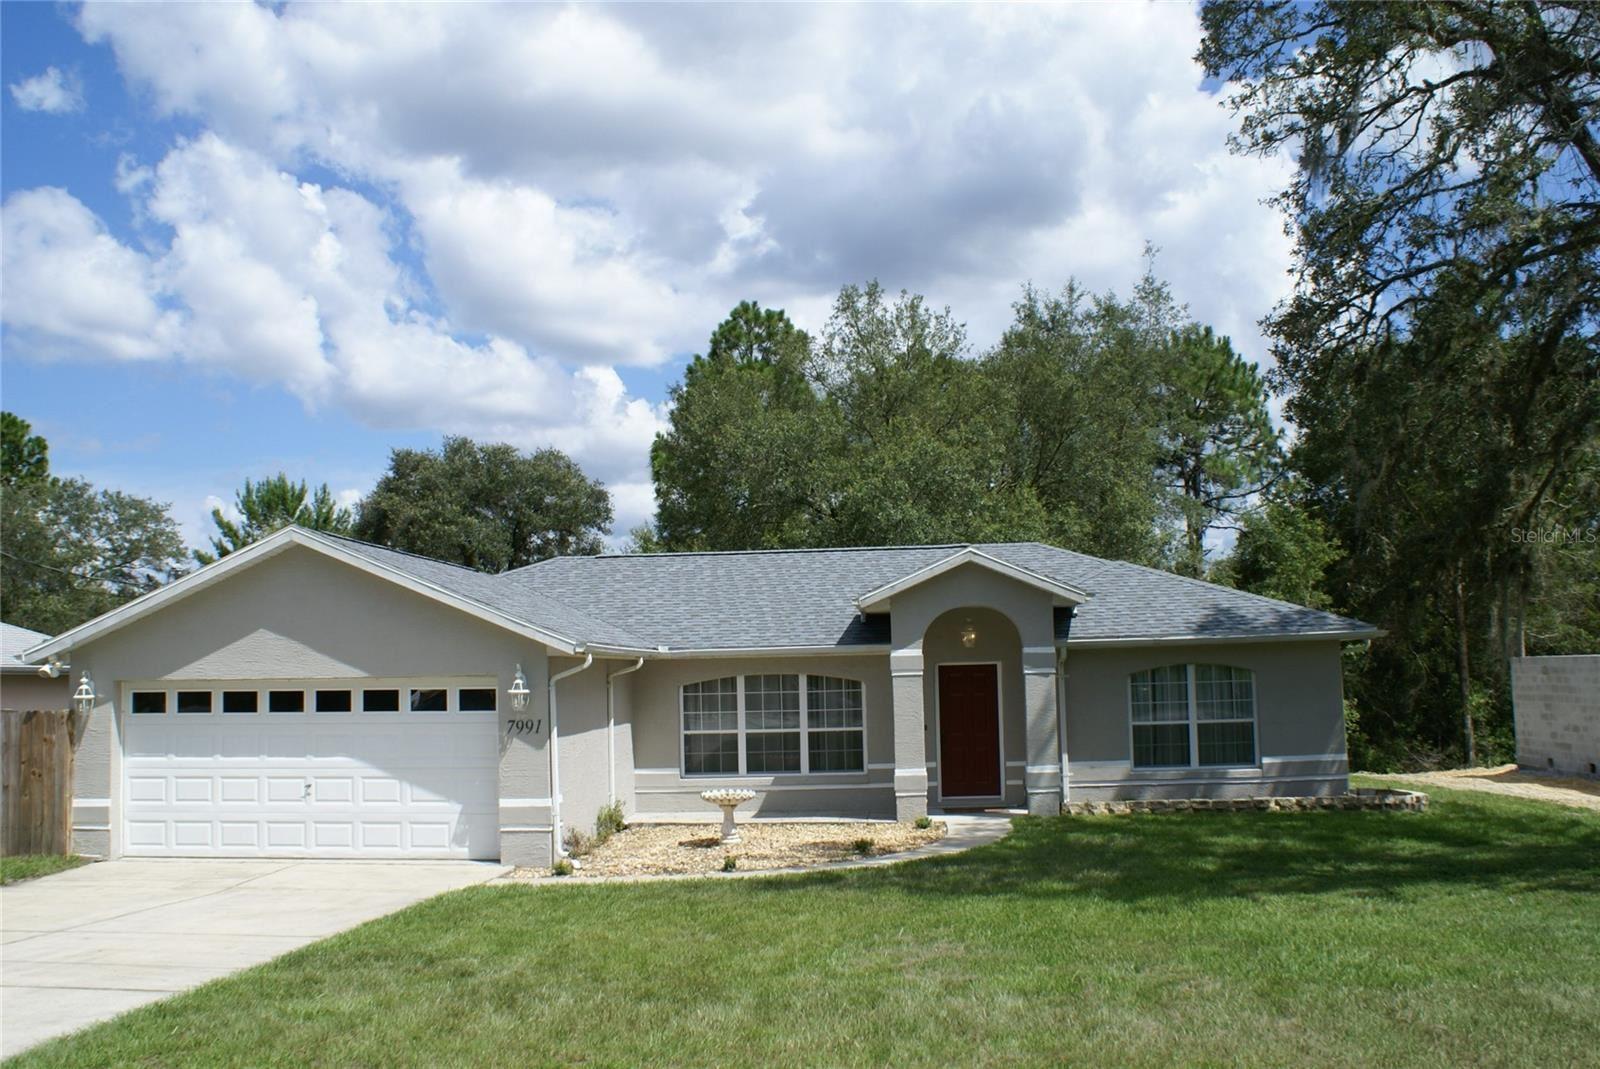 7991 N FIELDSTONE DRIVE, Citrus Springs, FL 34433 - #: OM624544